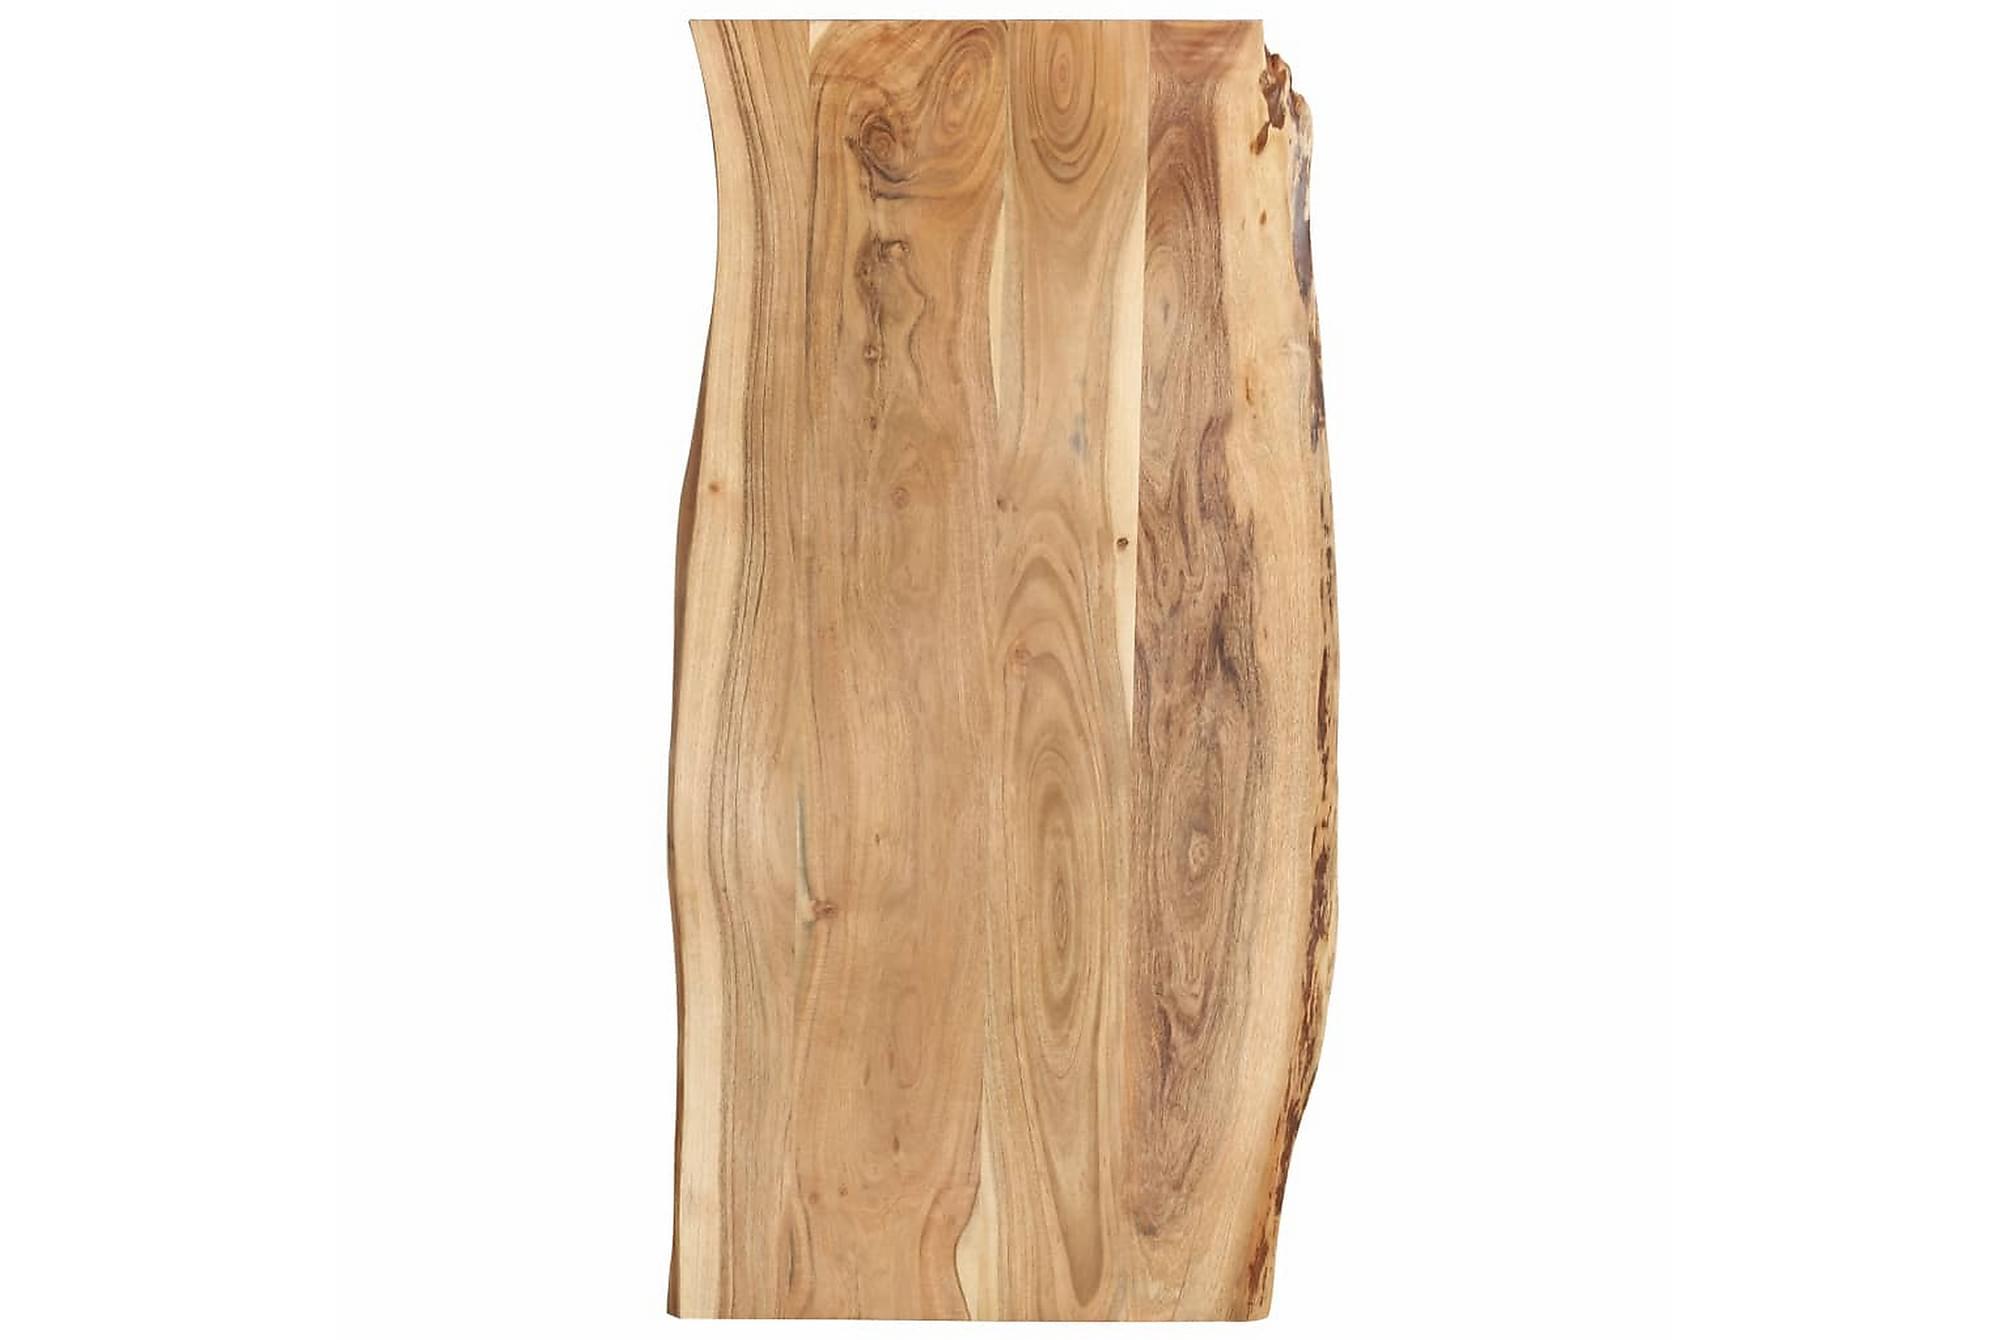 Bordsskiva massivt akaciaträ 120x60x2,5 cm, Bordsben & tillbehör